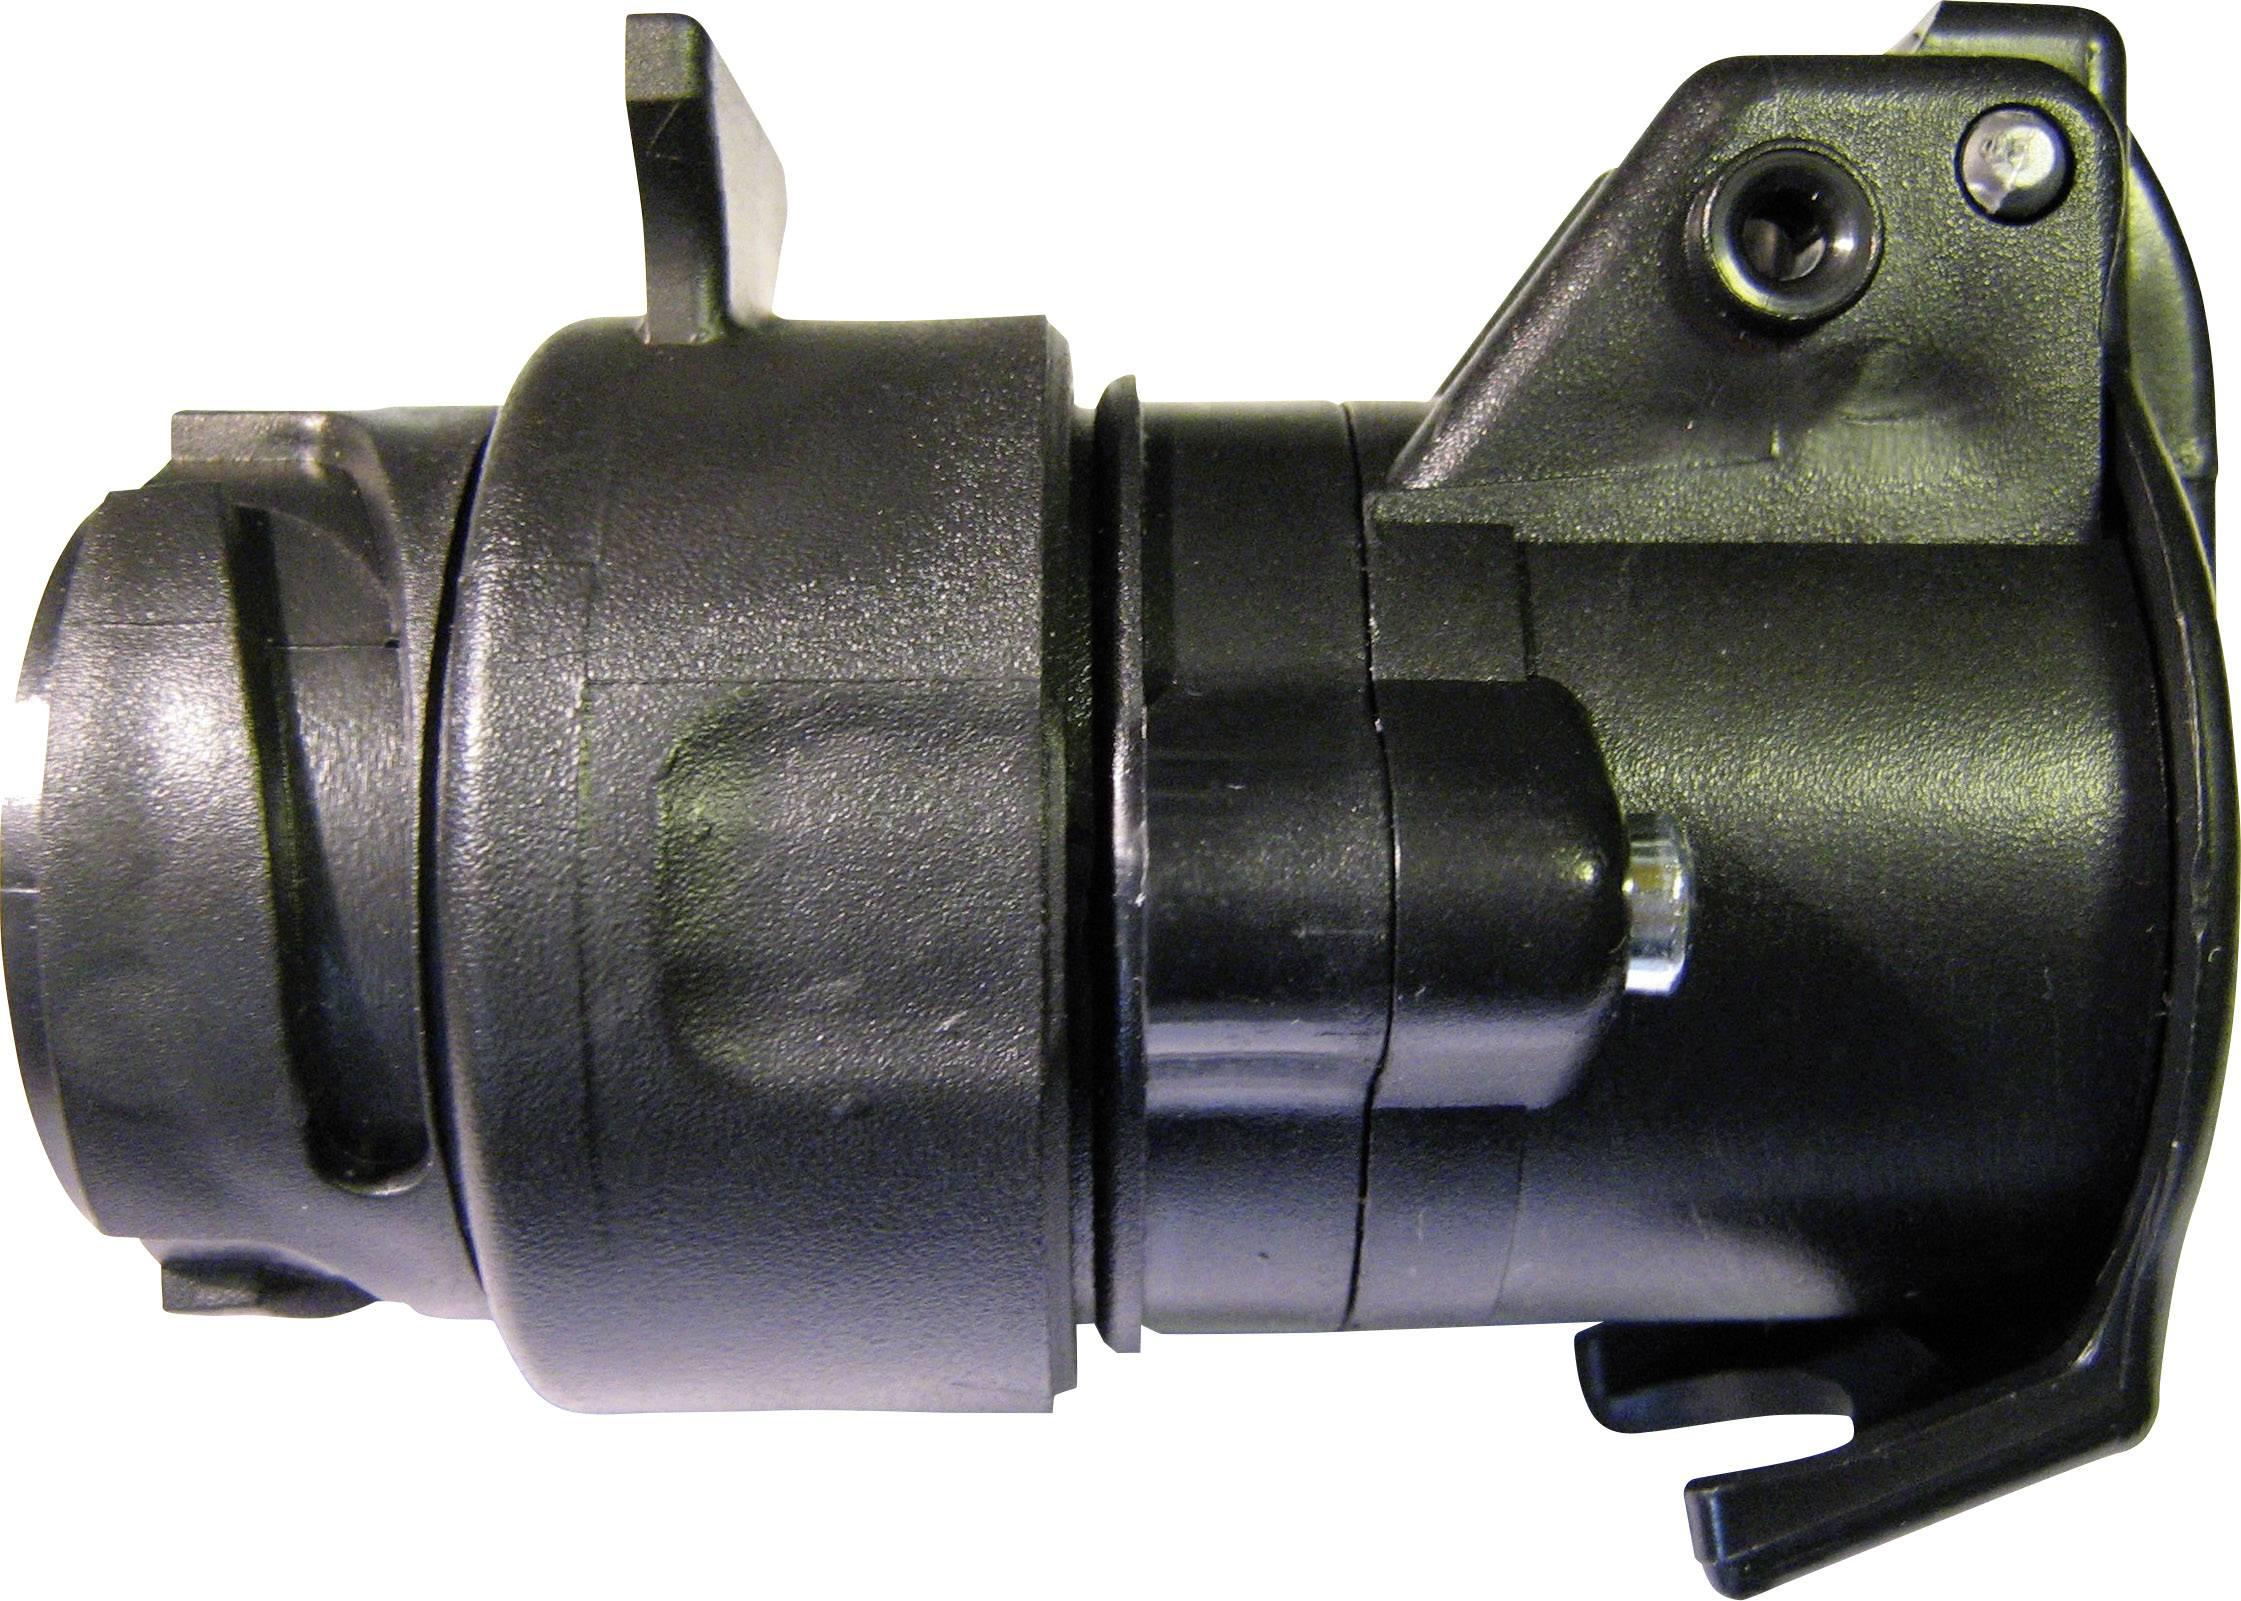 Adaptér pro zapojení přívěsu SecoRüt 50110, [13 pólová zásuvka - 7 pólová zástrčka], 12 V, plast ABS